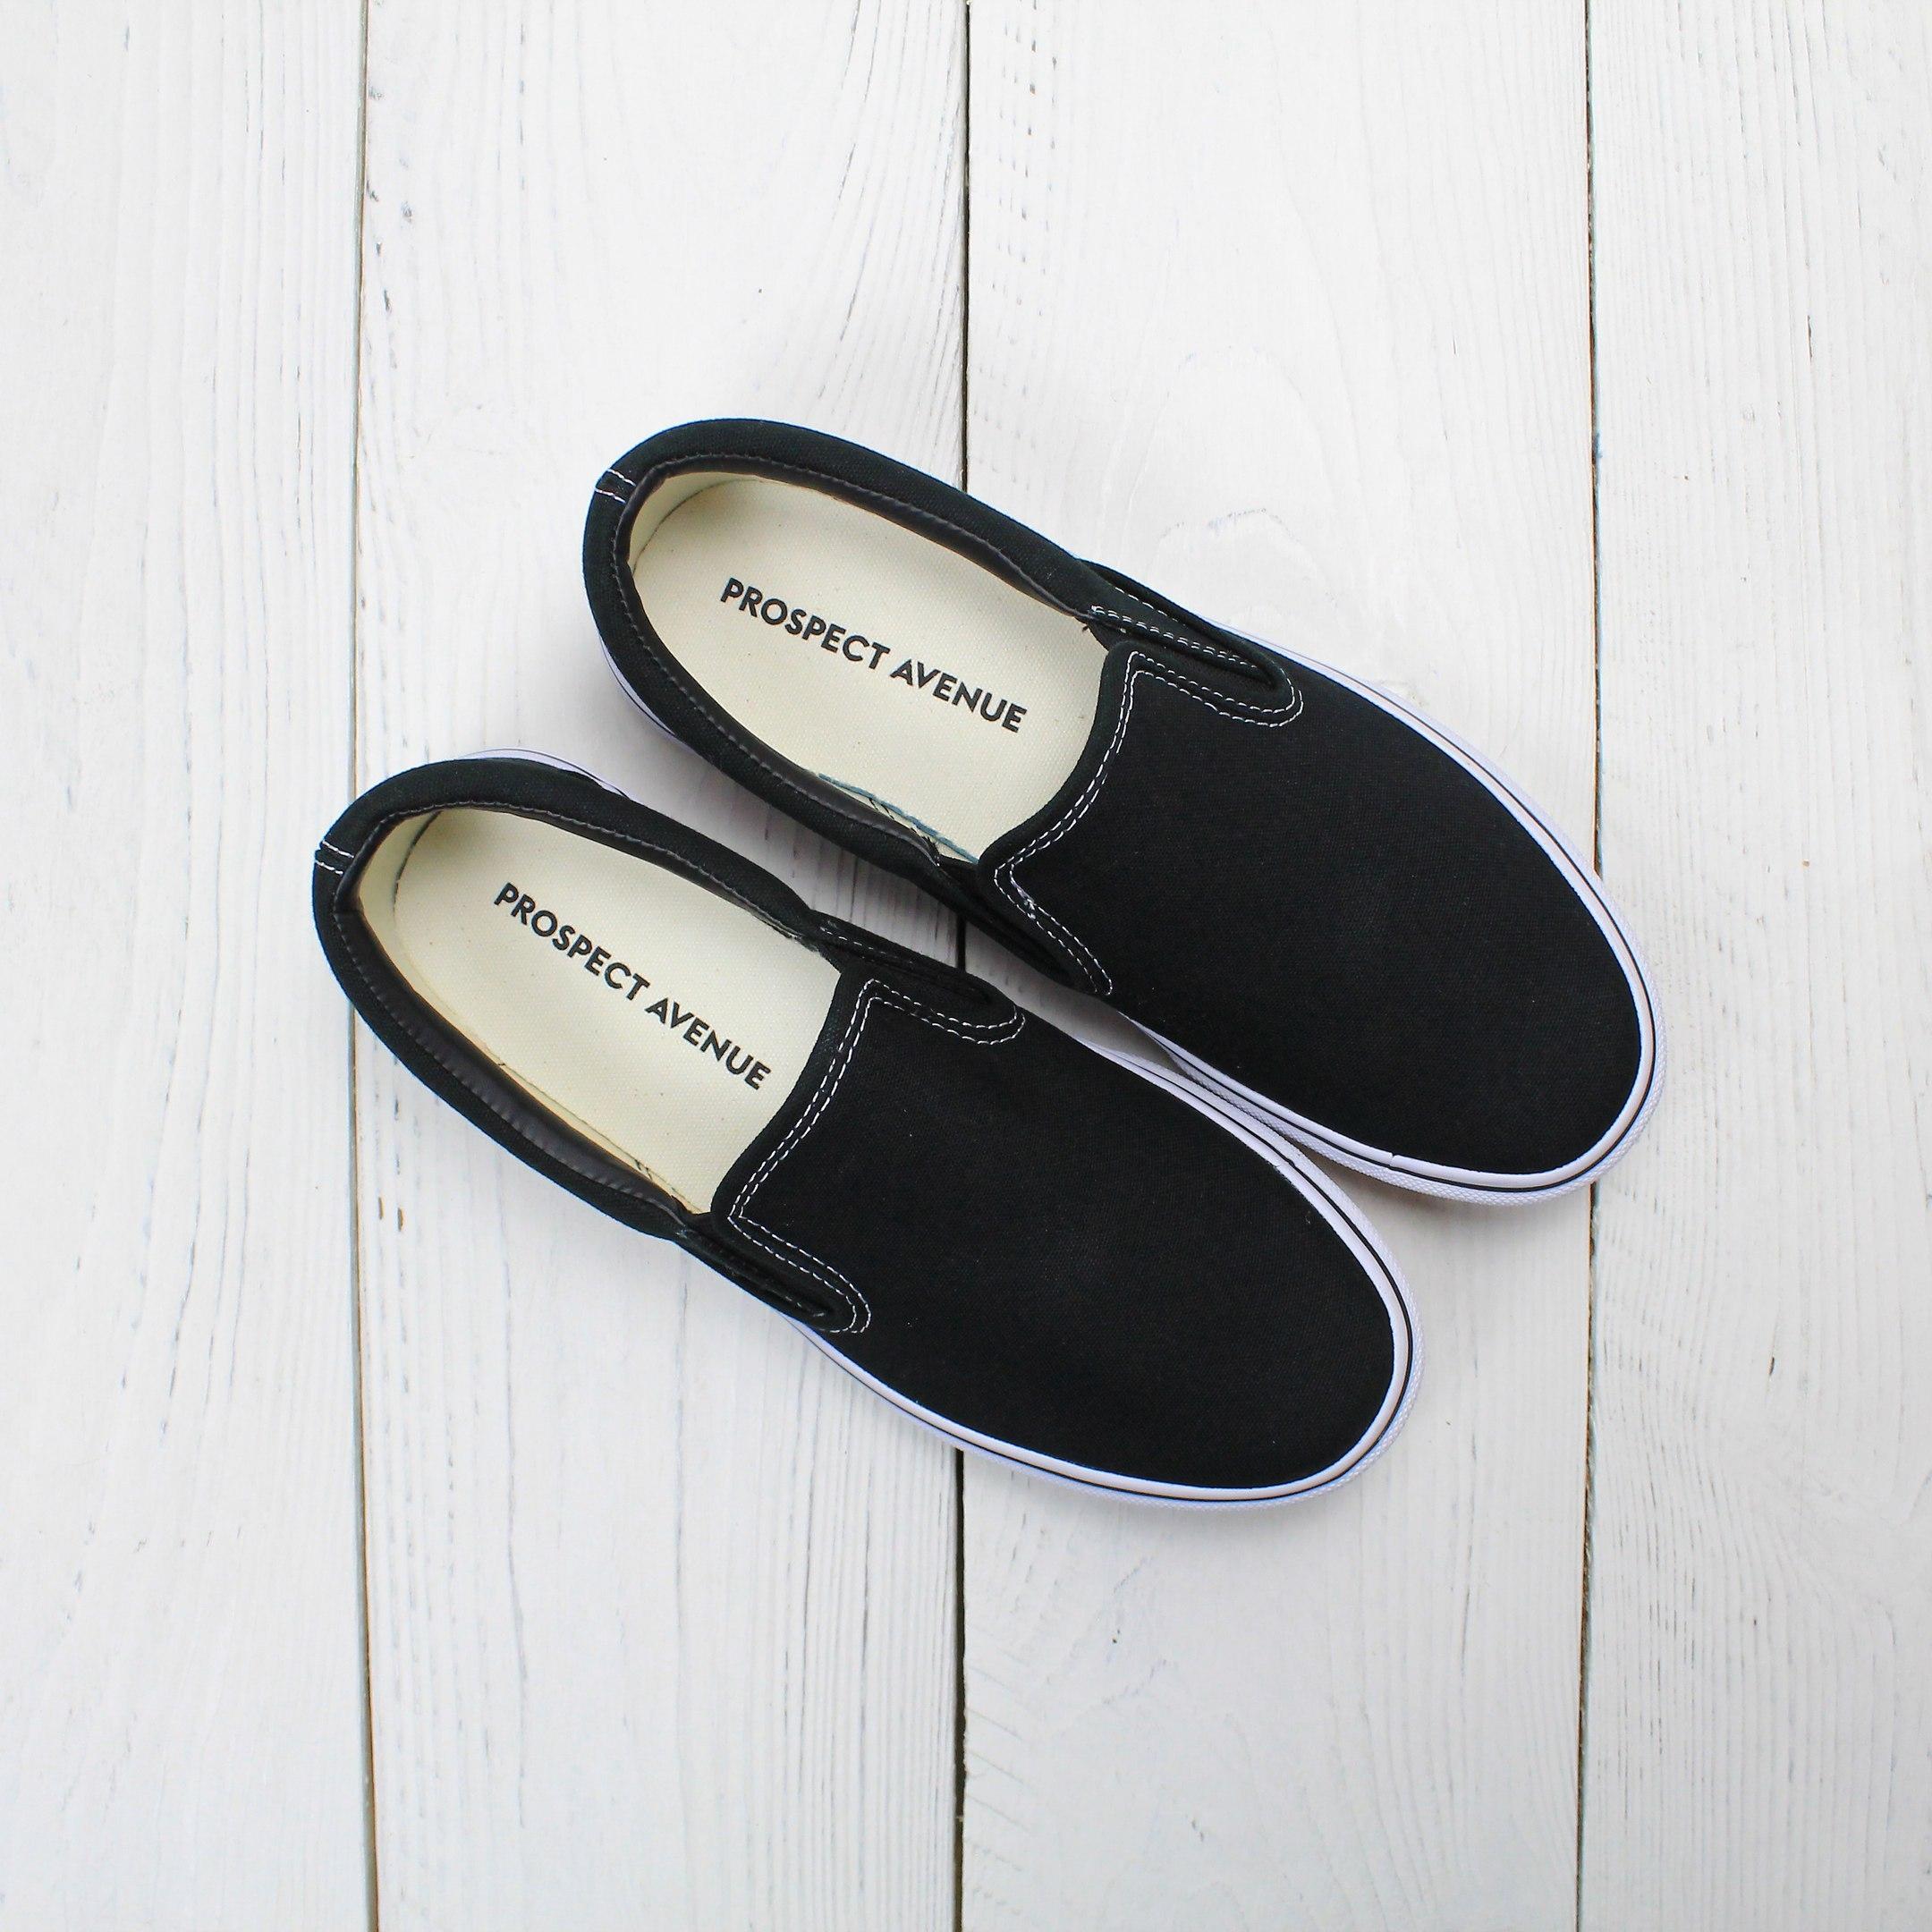 Черные слипоны PROSPECT AVENUE без принта   купить базовые Черные слипоны  PROSPECT AVENUE в интернет-магазине Prospect Avenue cb2713cf64c